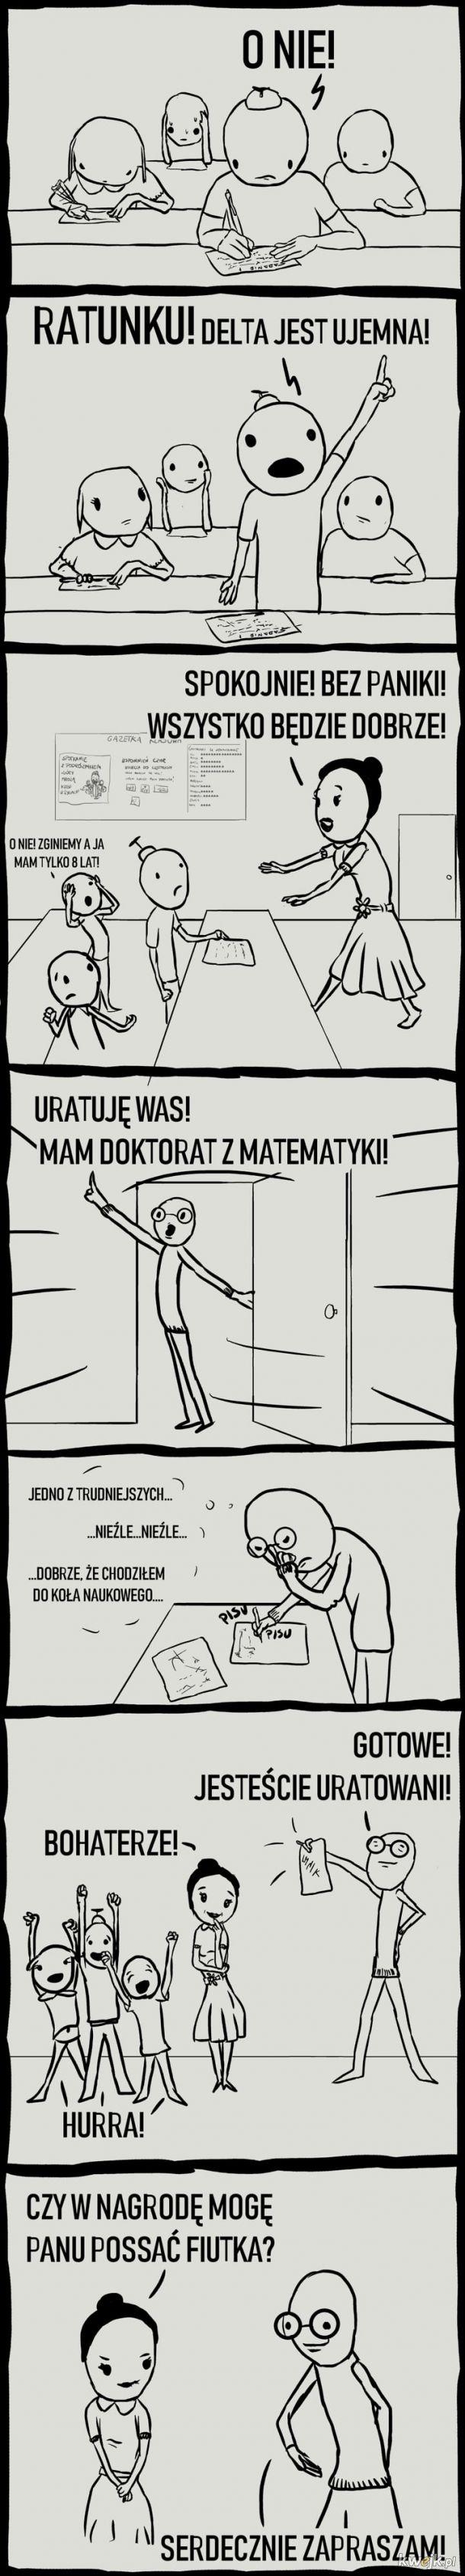 Doktorat z matematyki